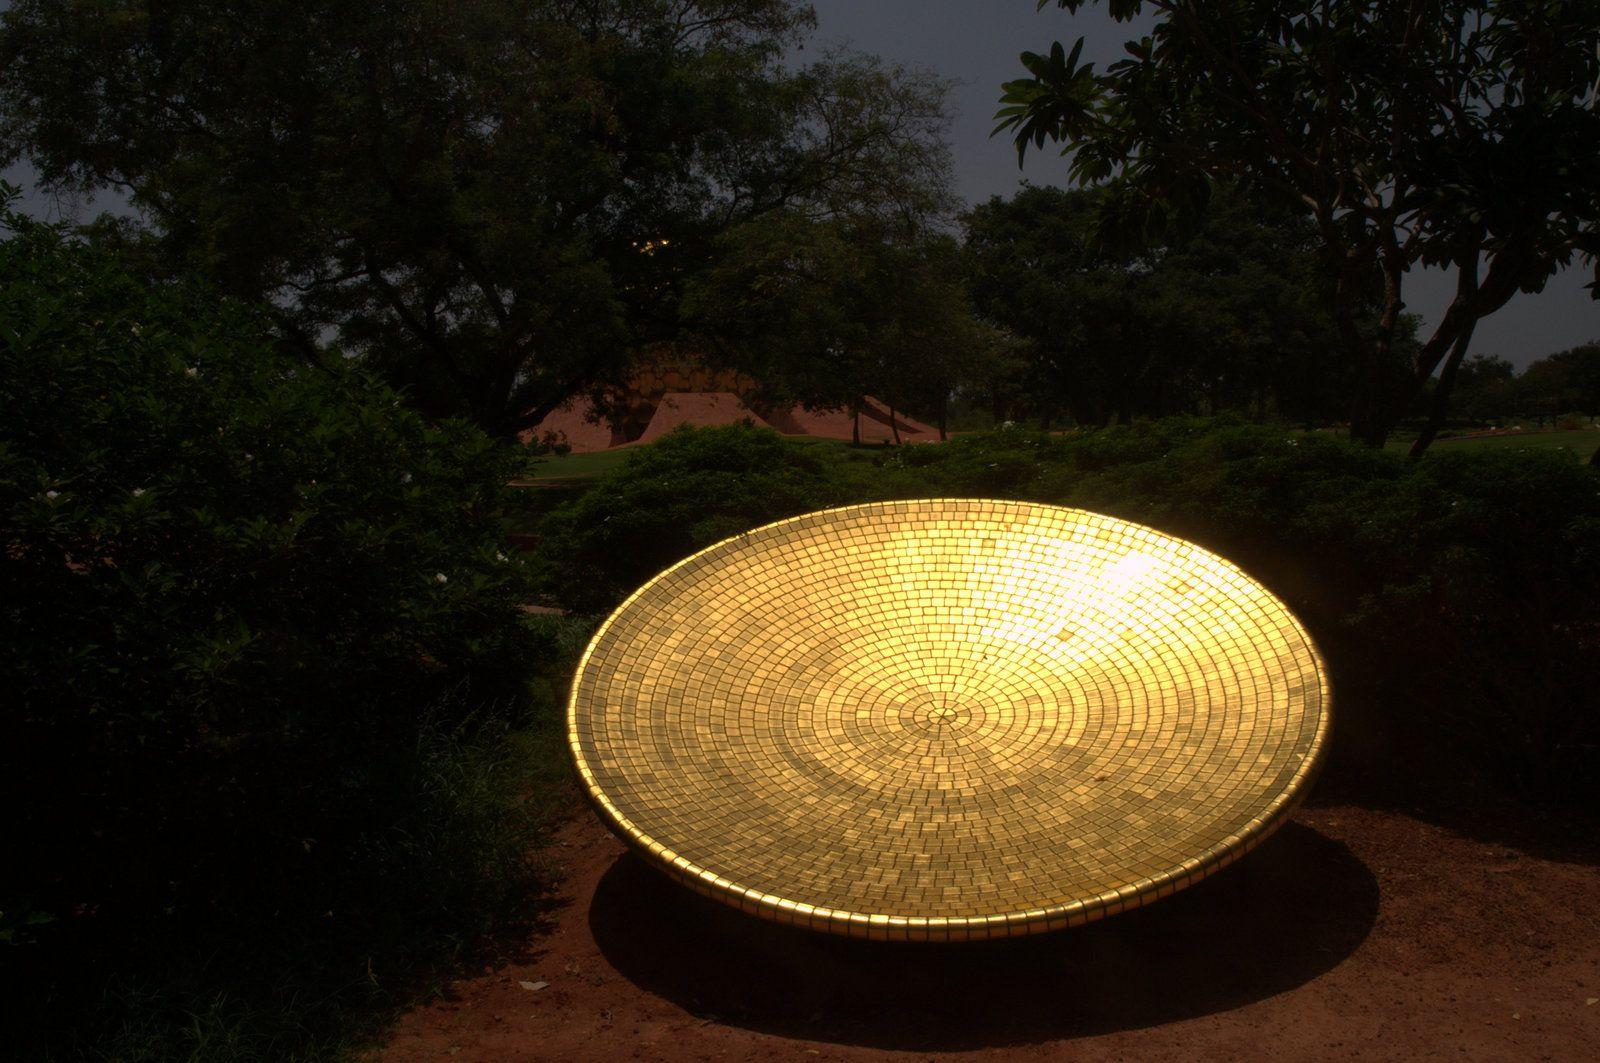 Una de las piezas del matrimandir, Auroville, india.